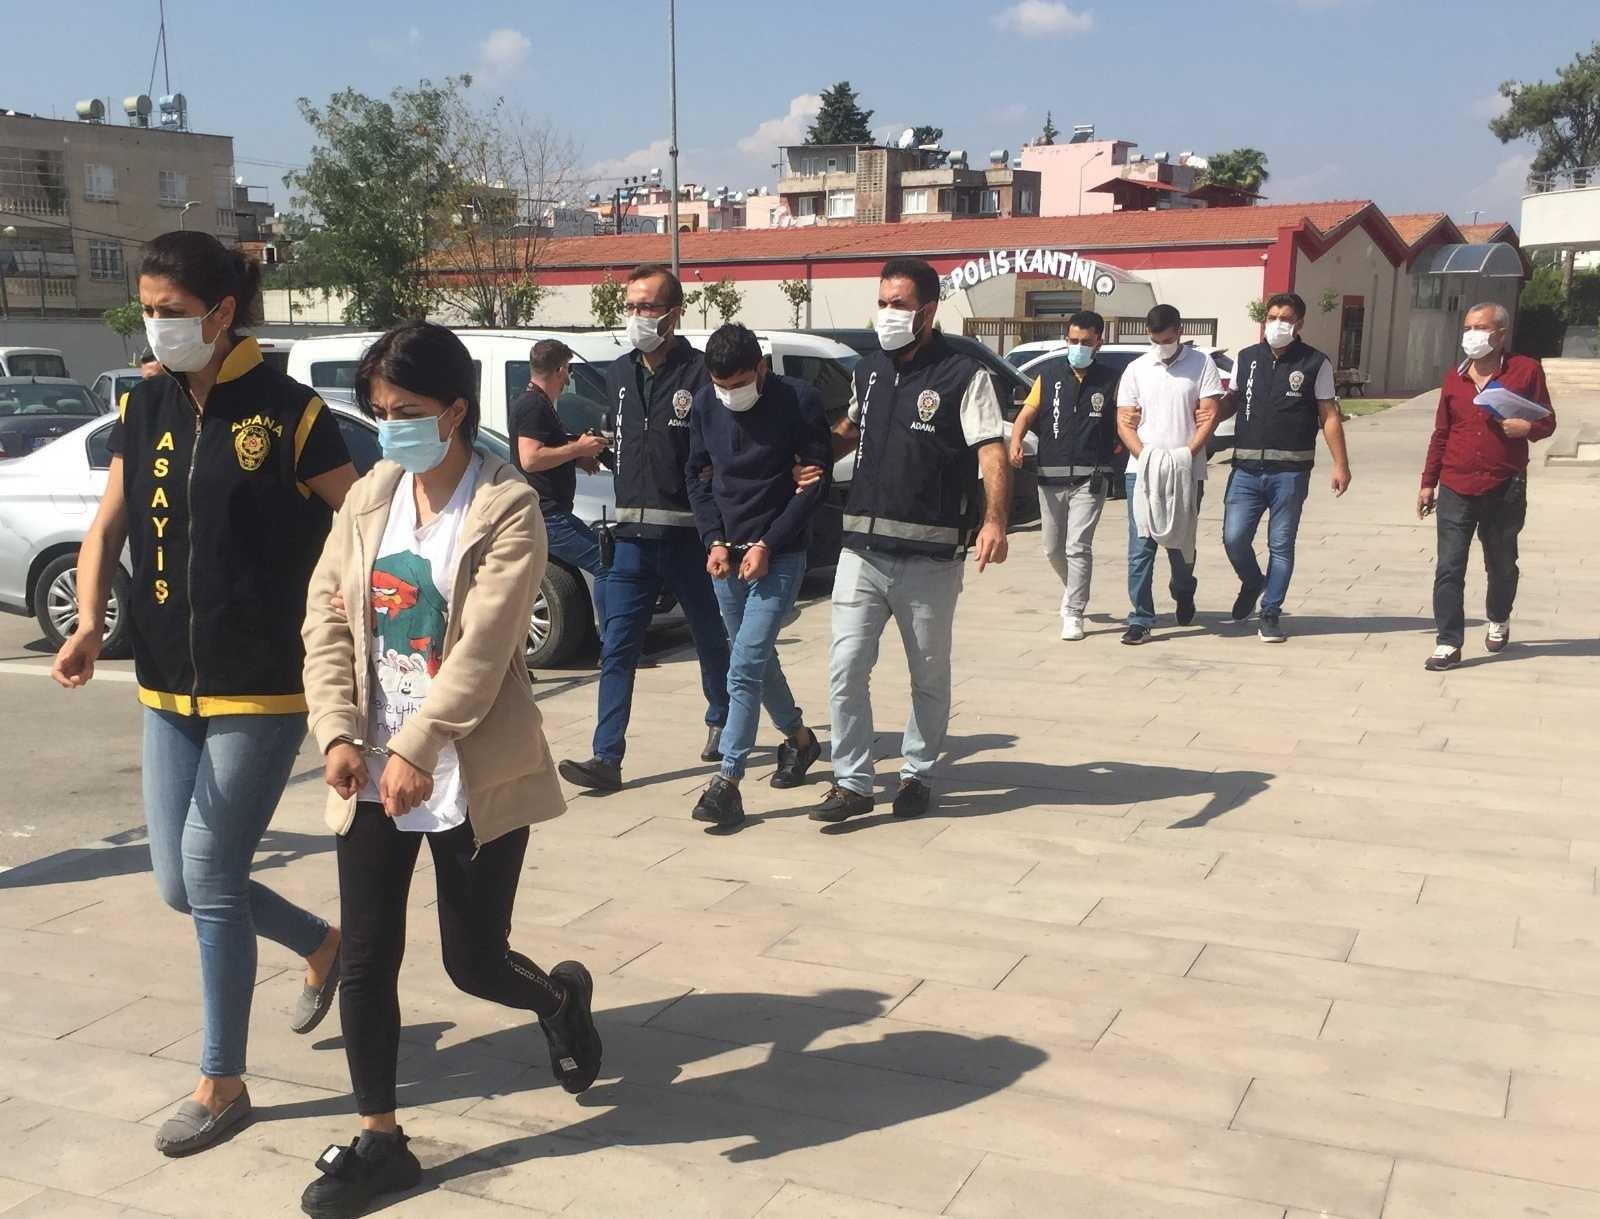 Eskort sitesine ilan verip sevgilisiyle gasp yaptı - Adana Haberleri